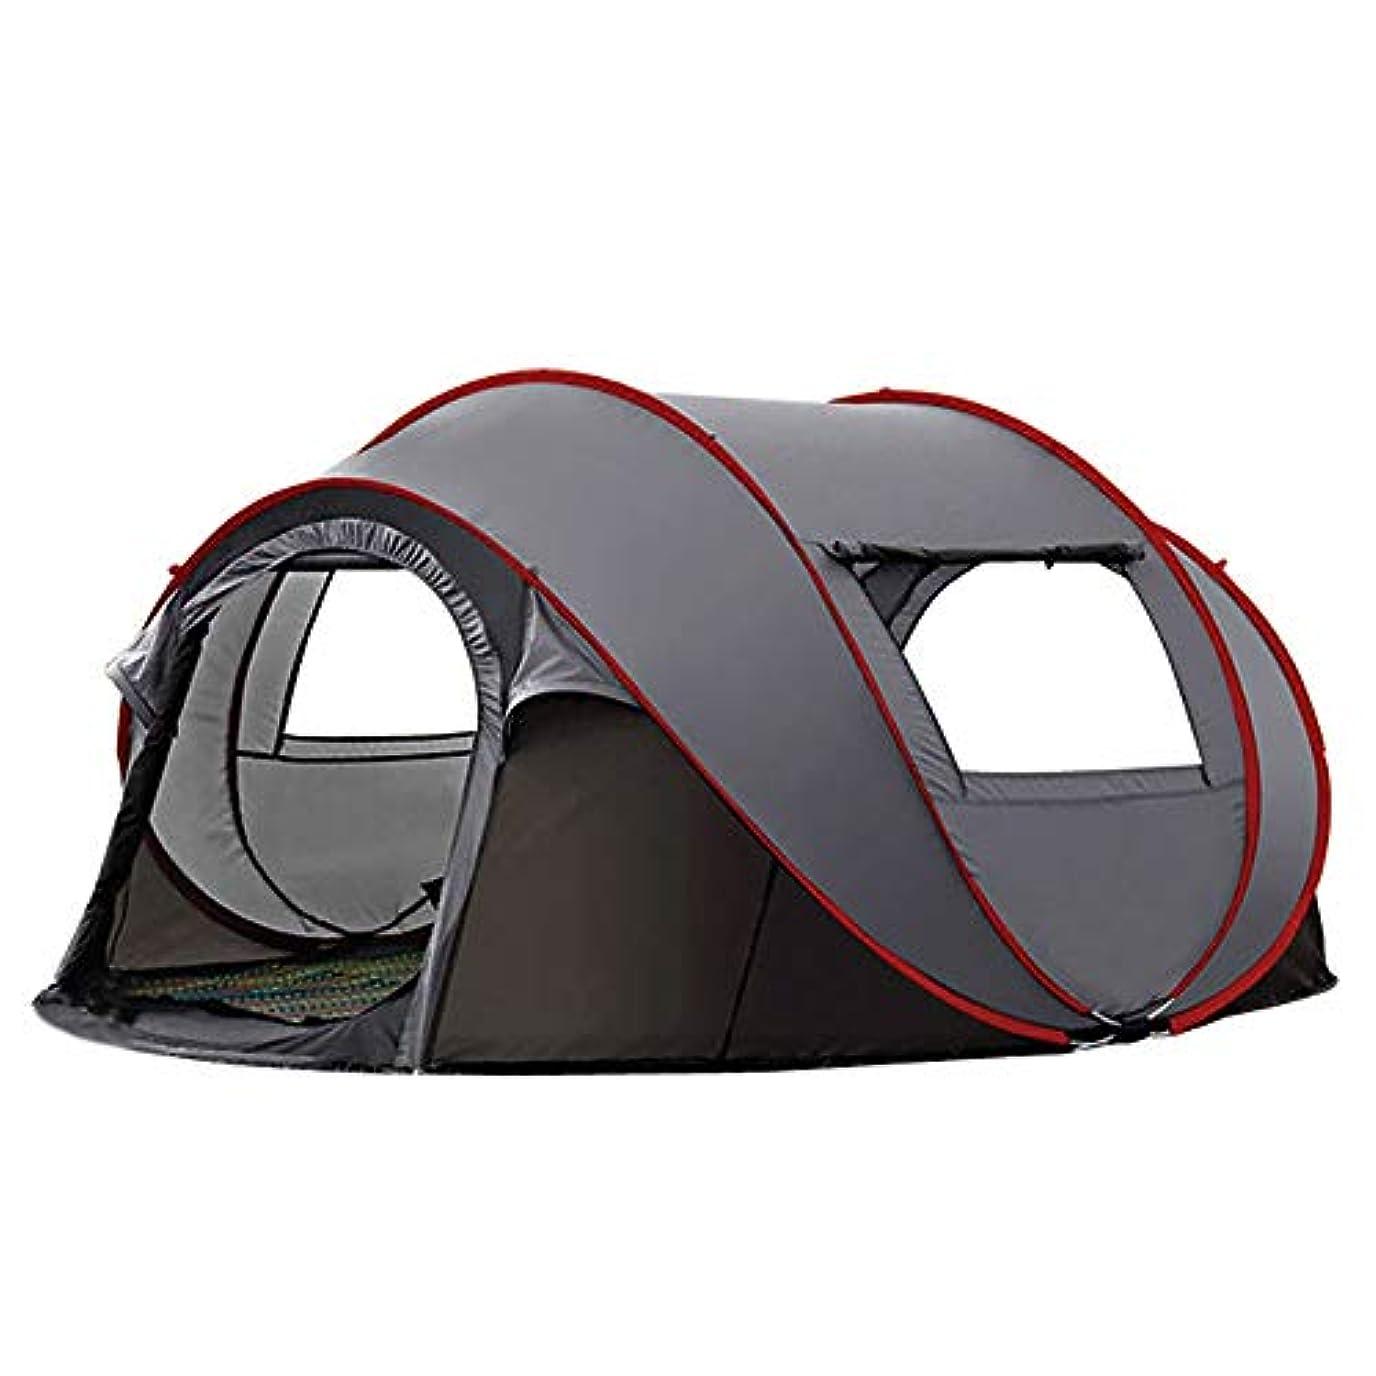 静かにイル直立XBRキャンプテント高級テント屋外キャンプ独立スペース4-6人多機能自動クイックオープンビッグテントキャンプビーチパーク